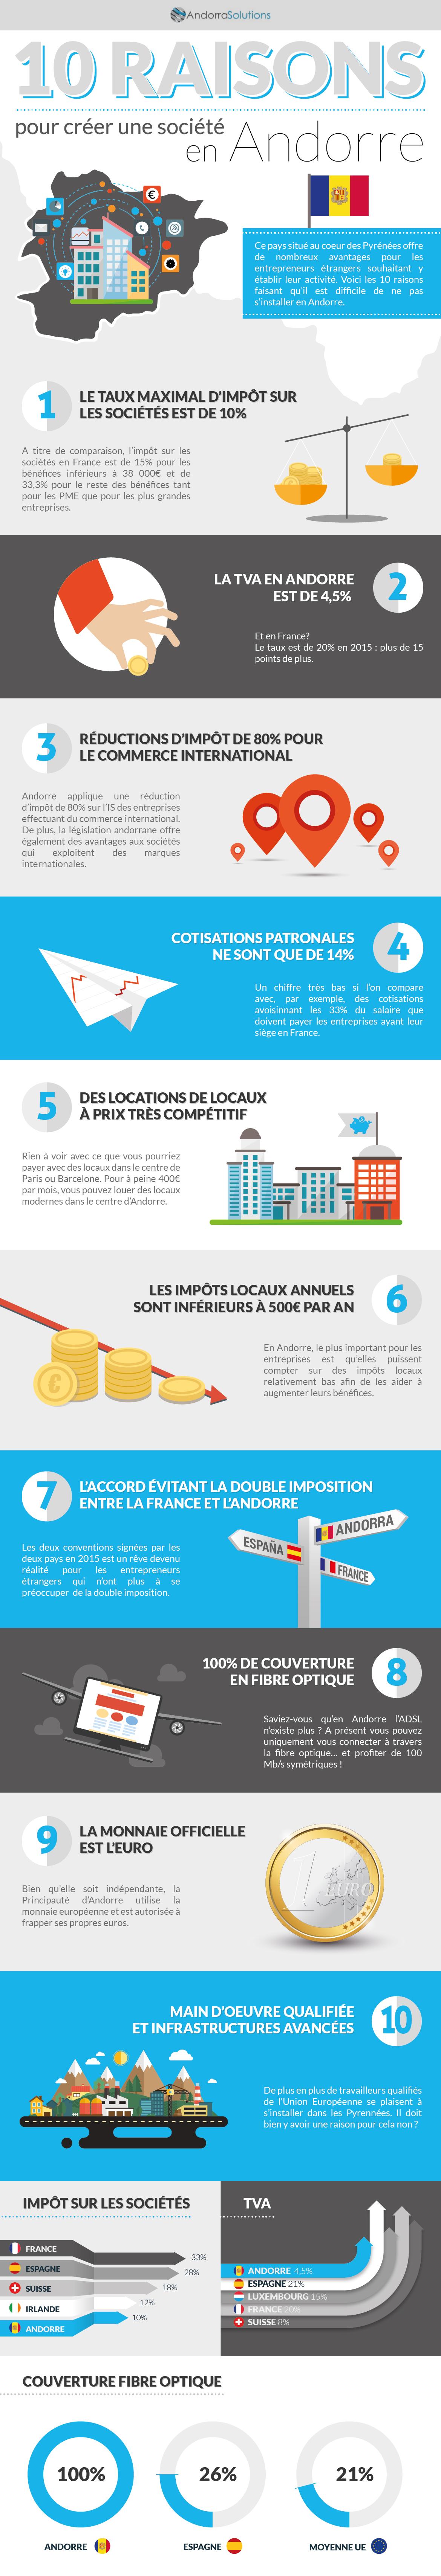 004_AndorraSolutions_Infografía_FRA